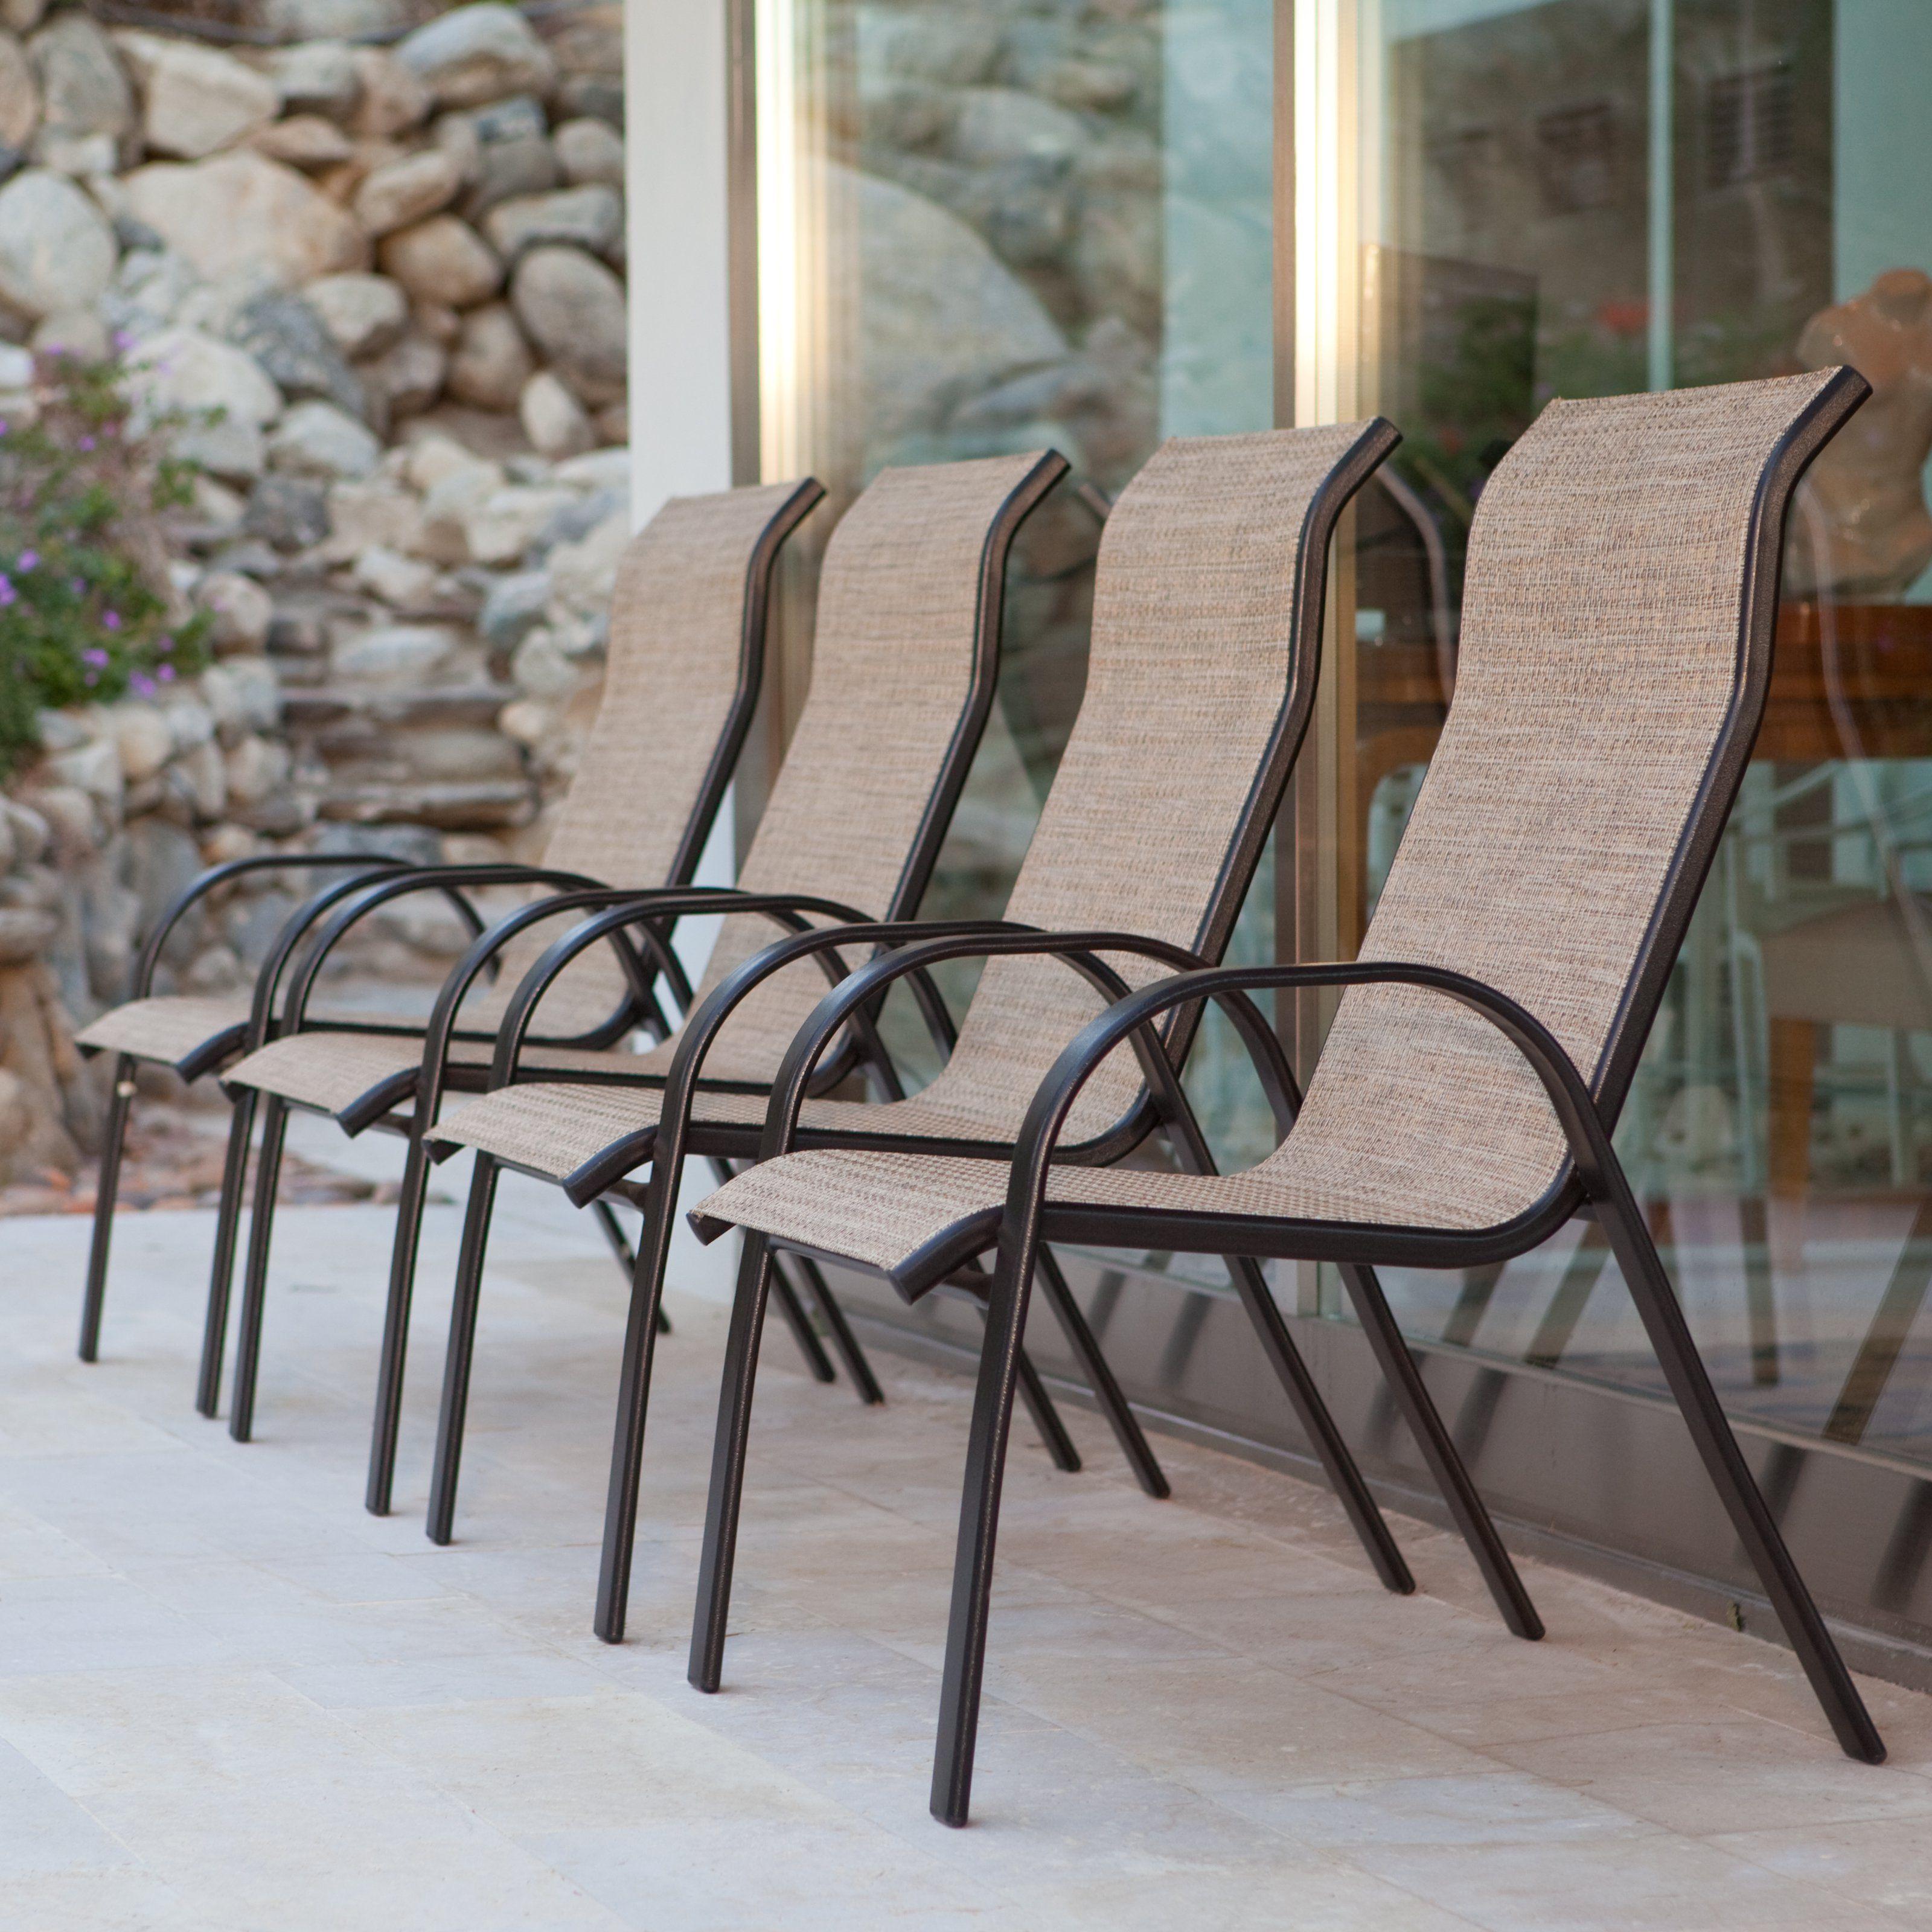 Summer Winds Patio Furniture Furniture Ideas